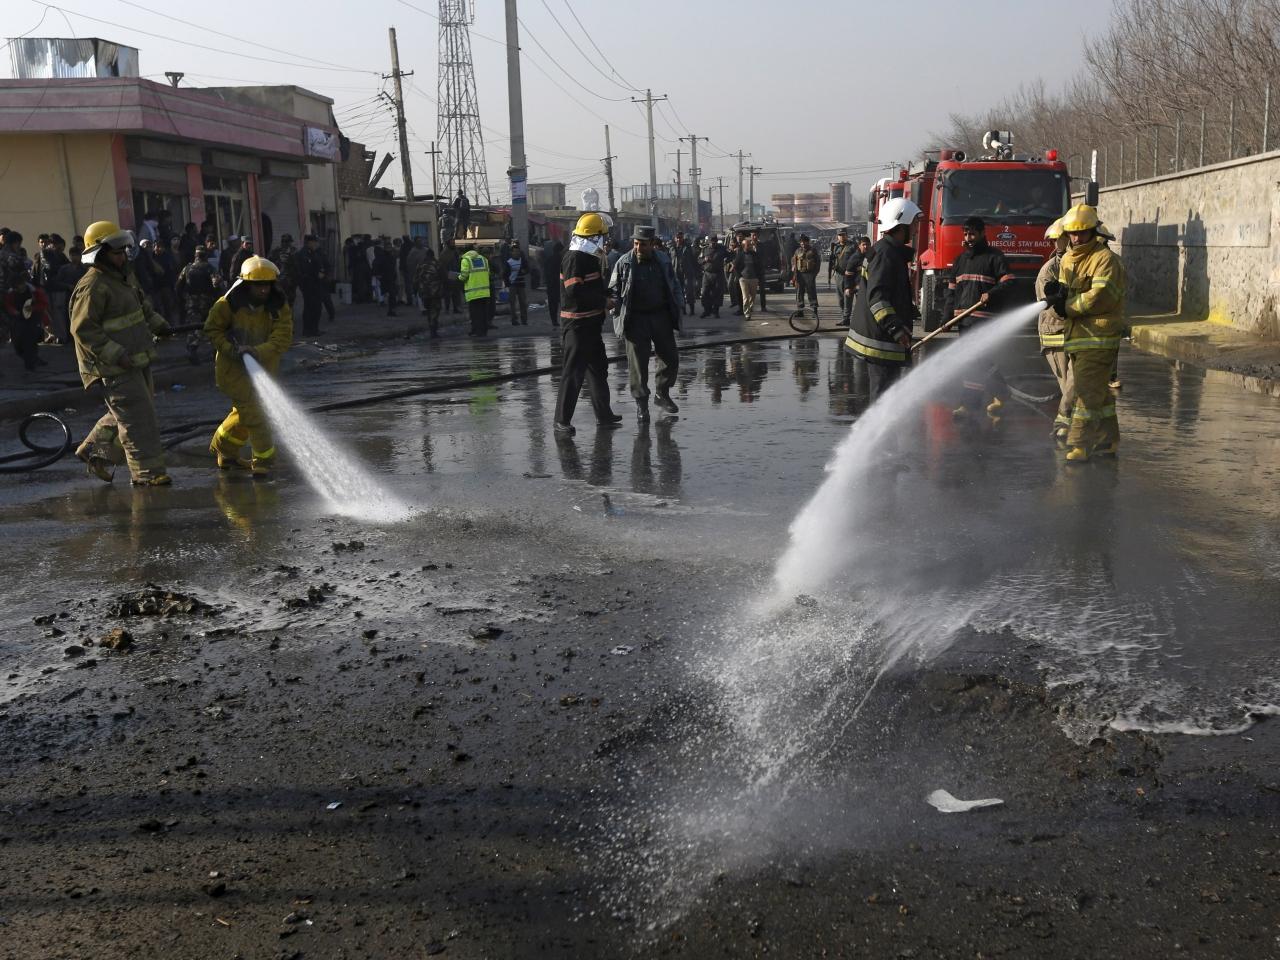 塔利班襲北約車隊一死多傷